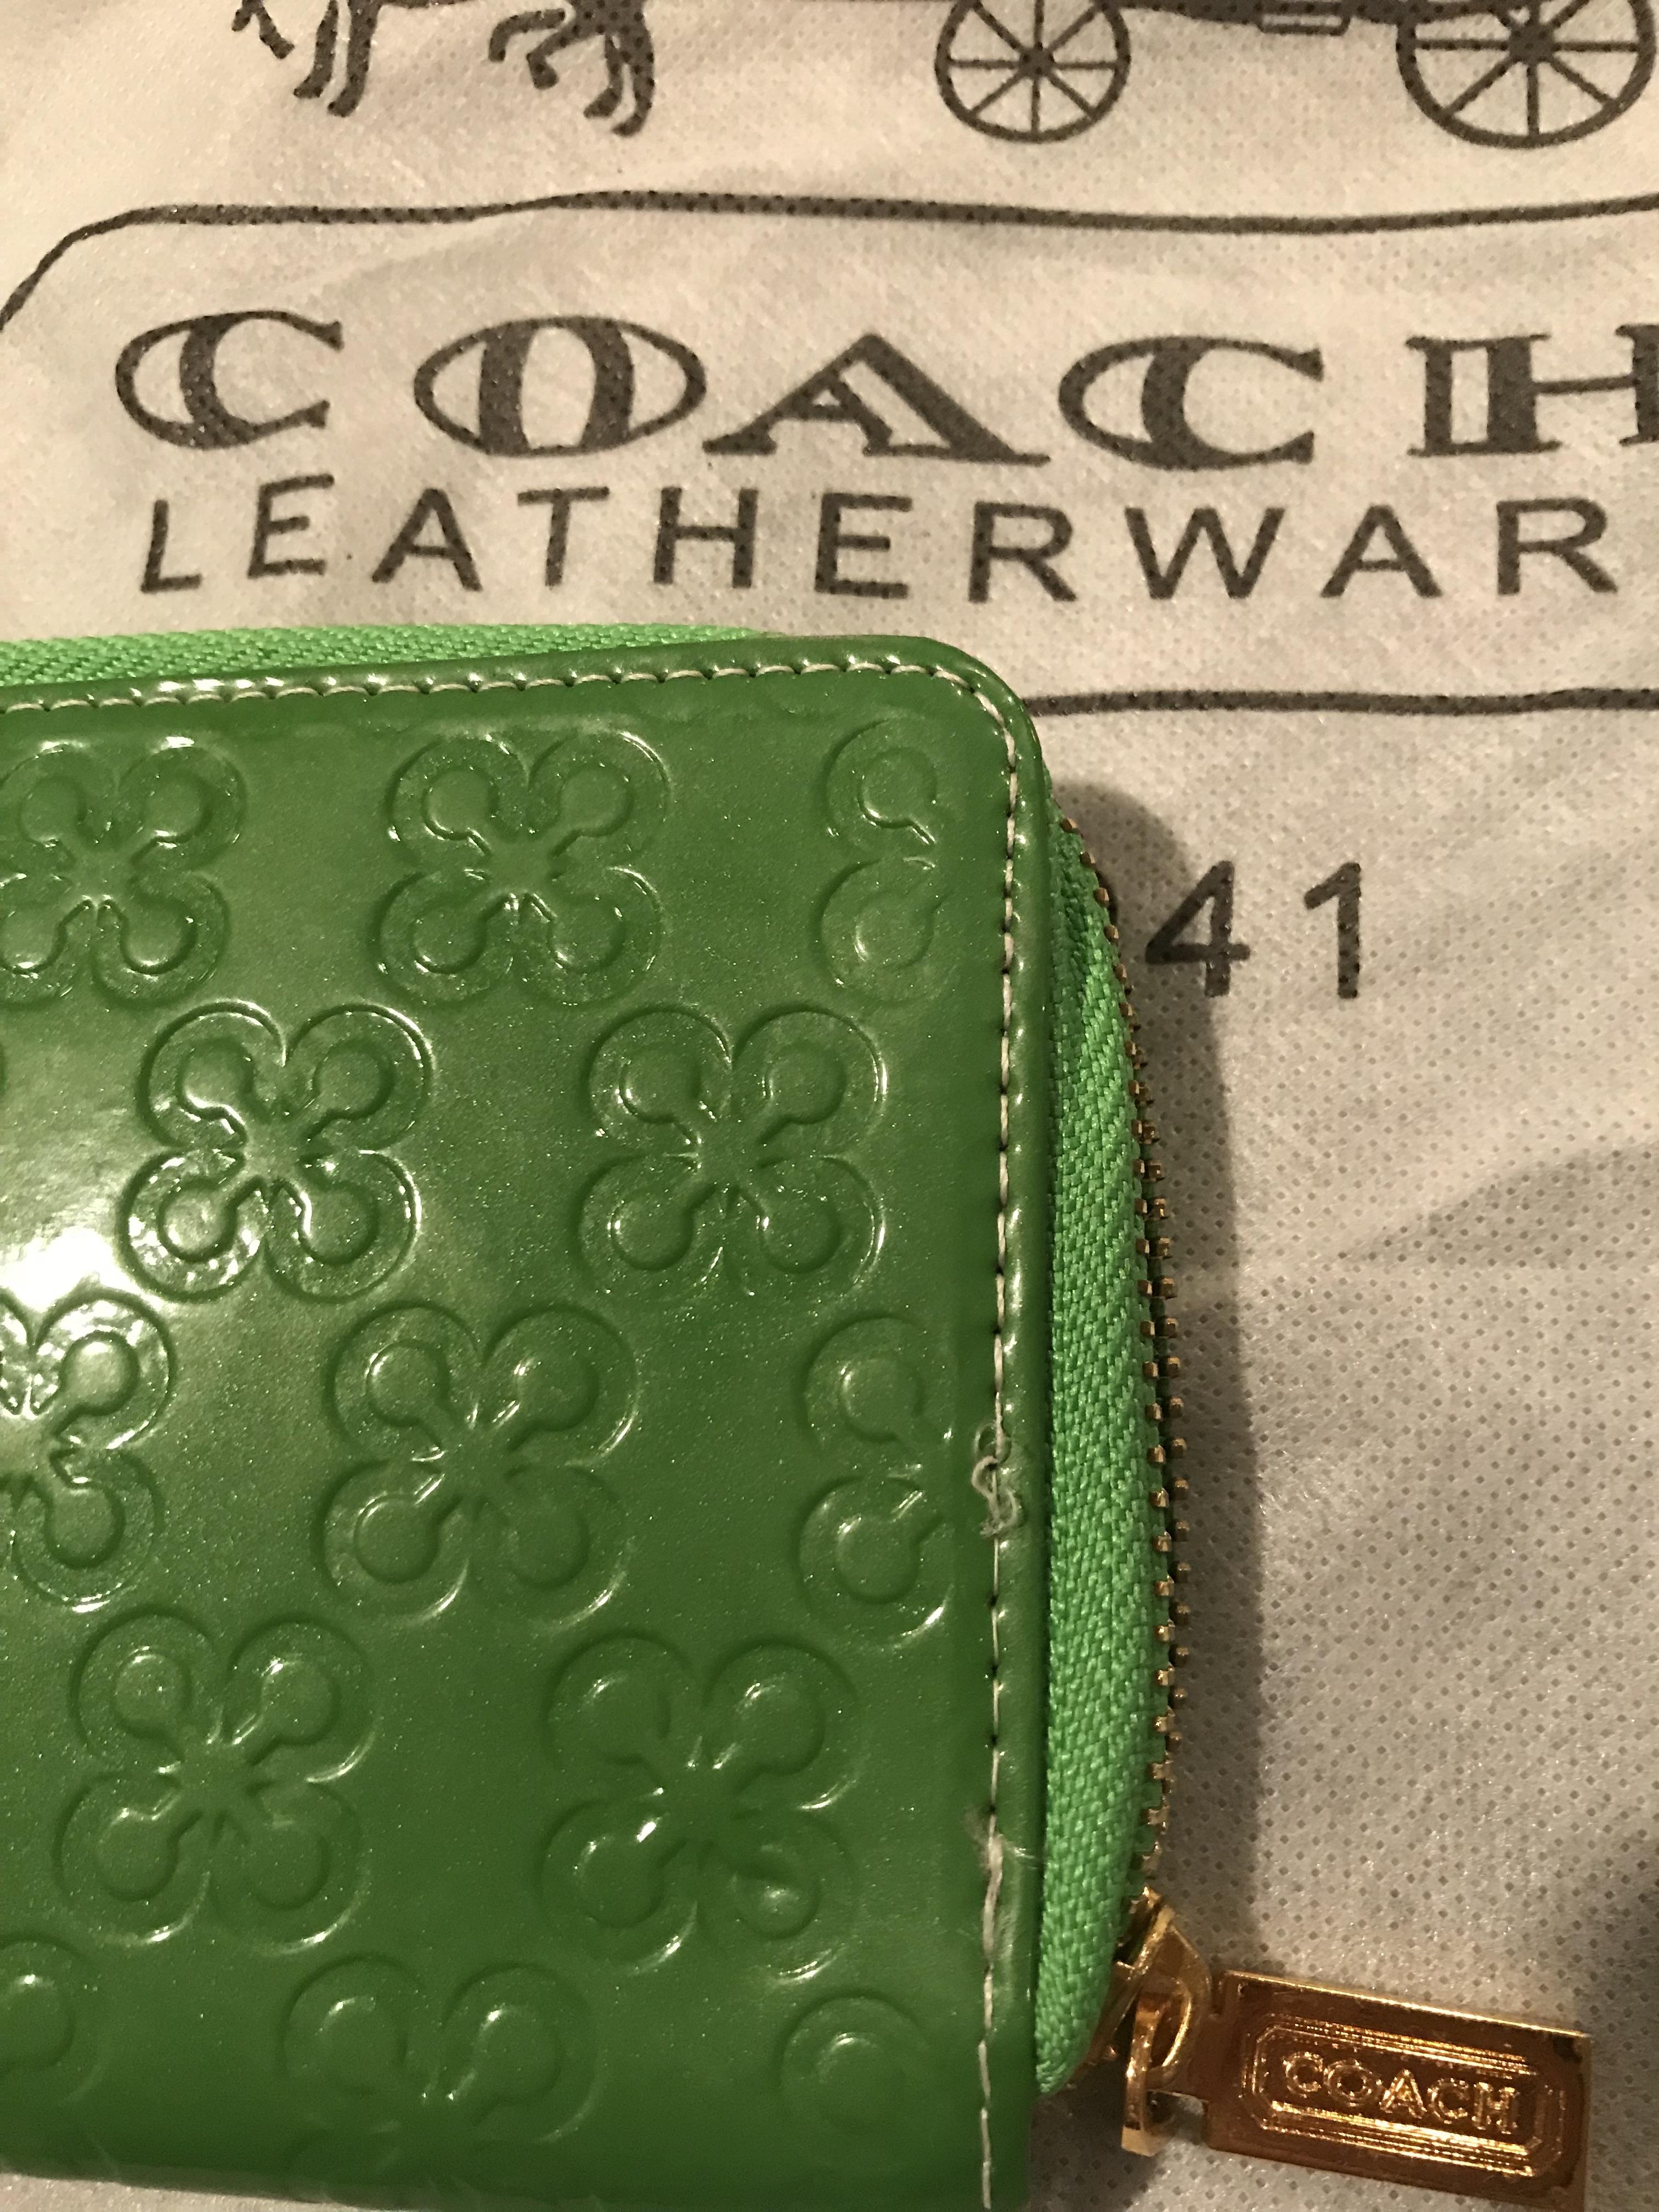 c4d3092ffc Coach-Outlet Reviews - 122 Reviews of Coach-outlet.com | Sitejabber